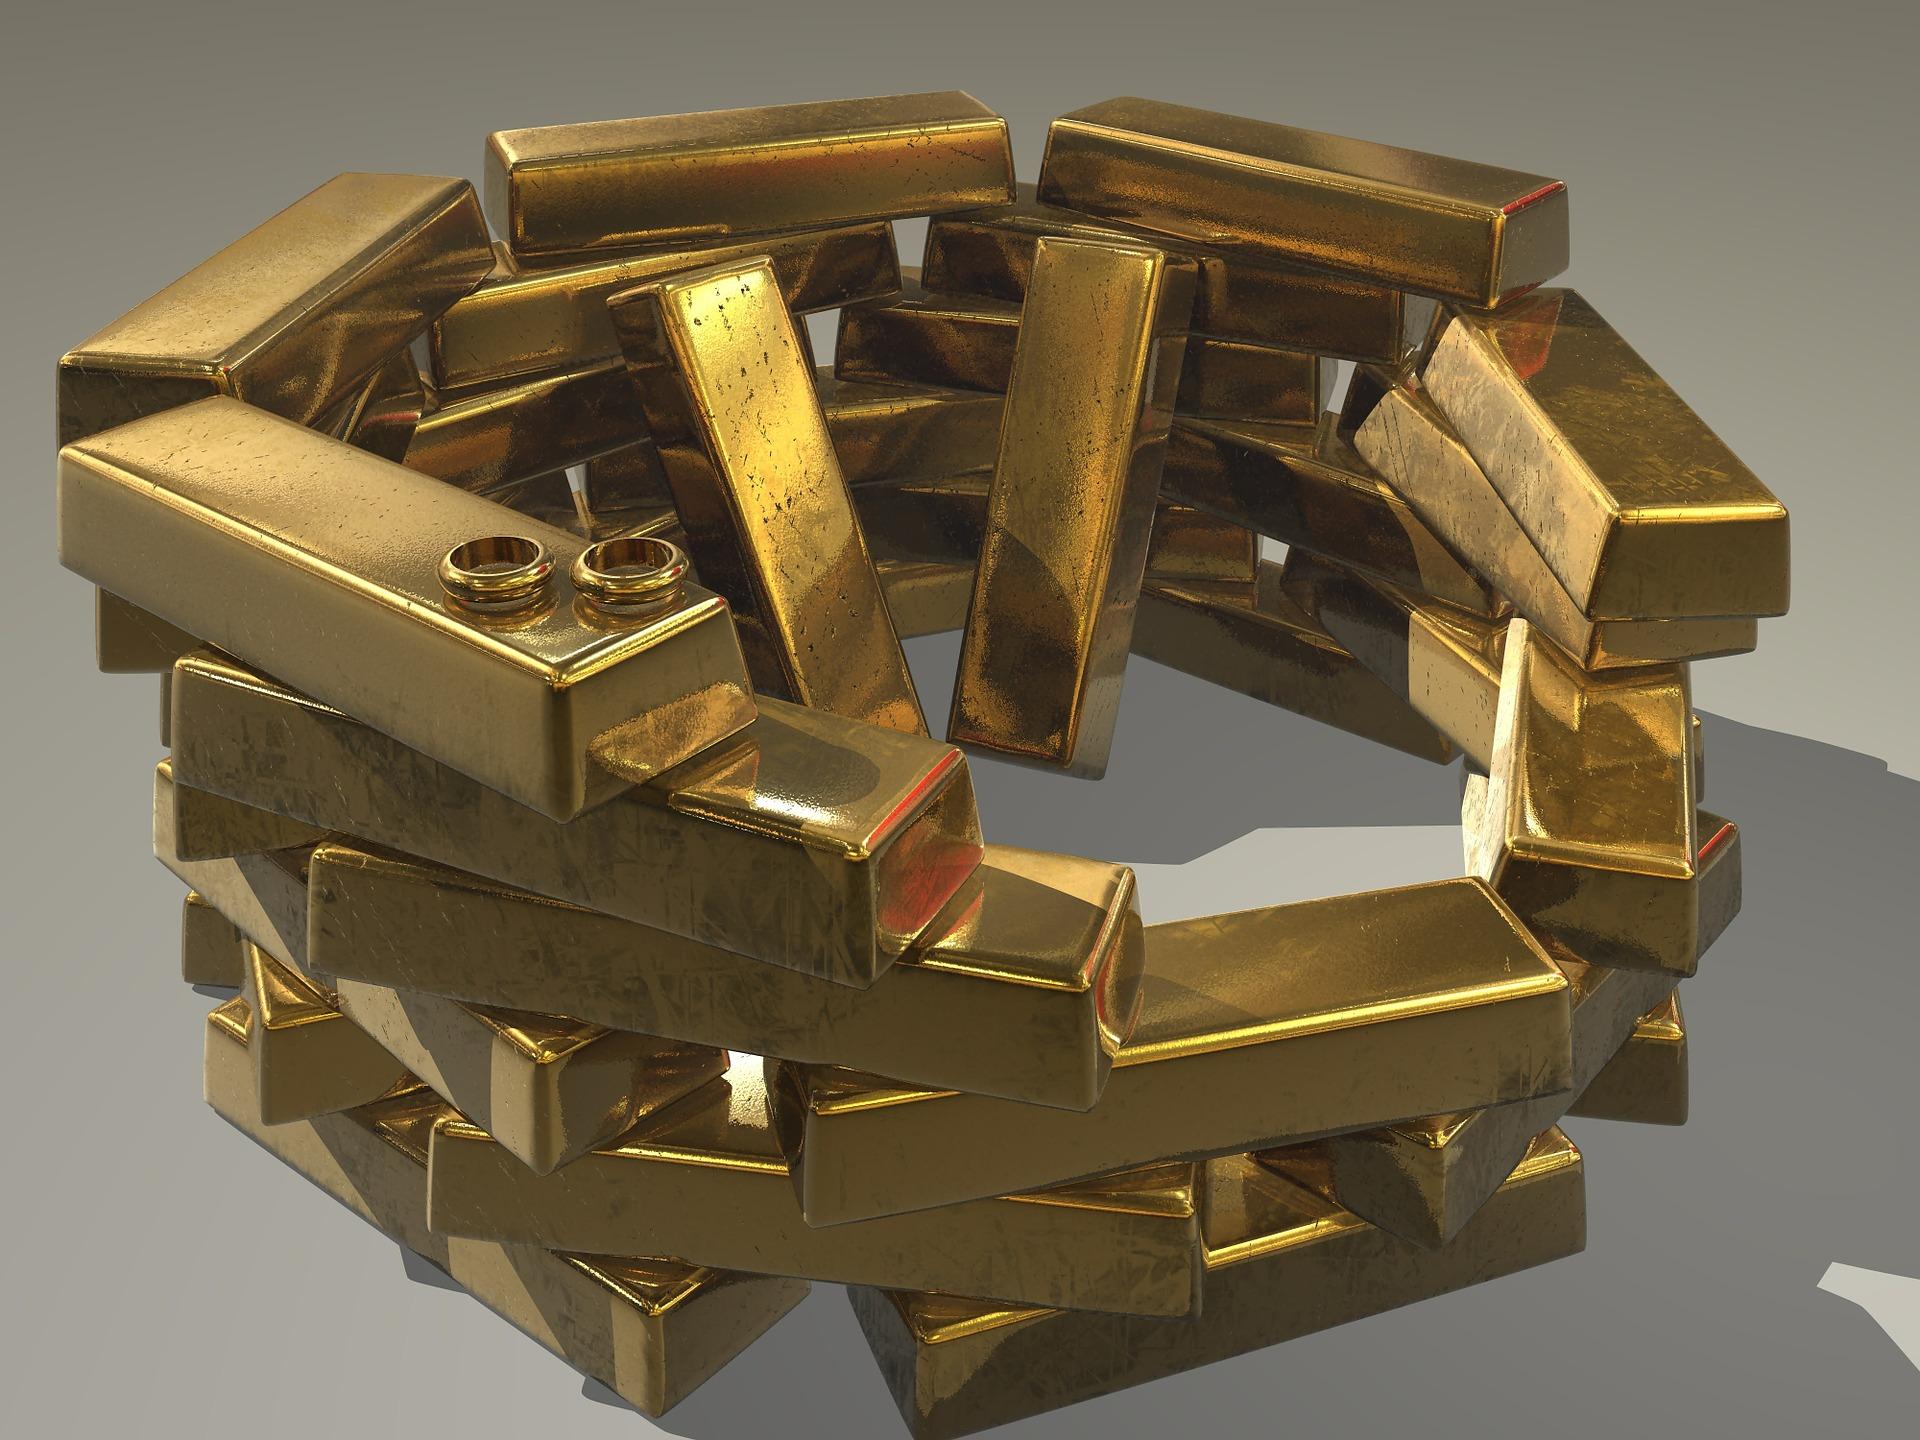 Sul calcolo del TEG nell'ambito del contratto atipico di prestito d'uso d'oro.